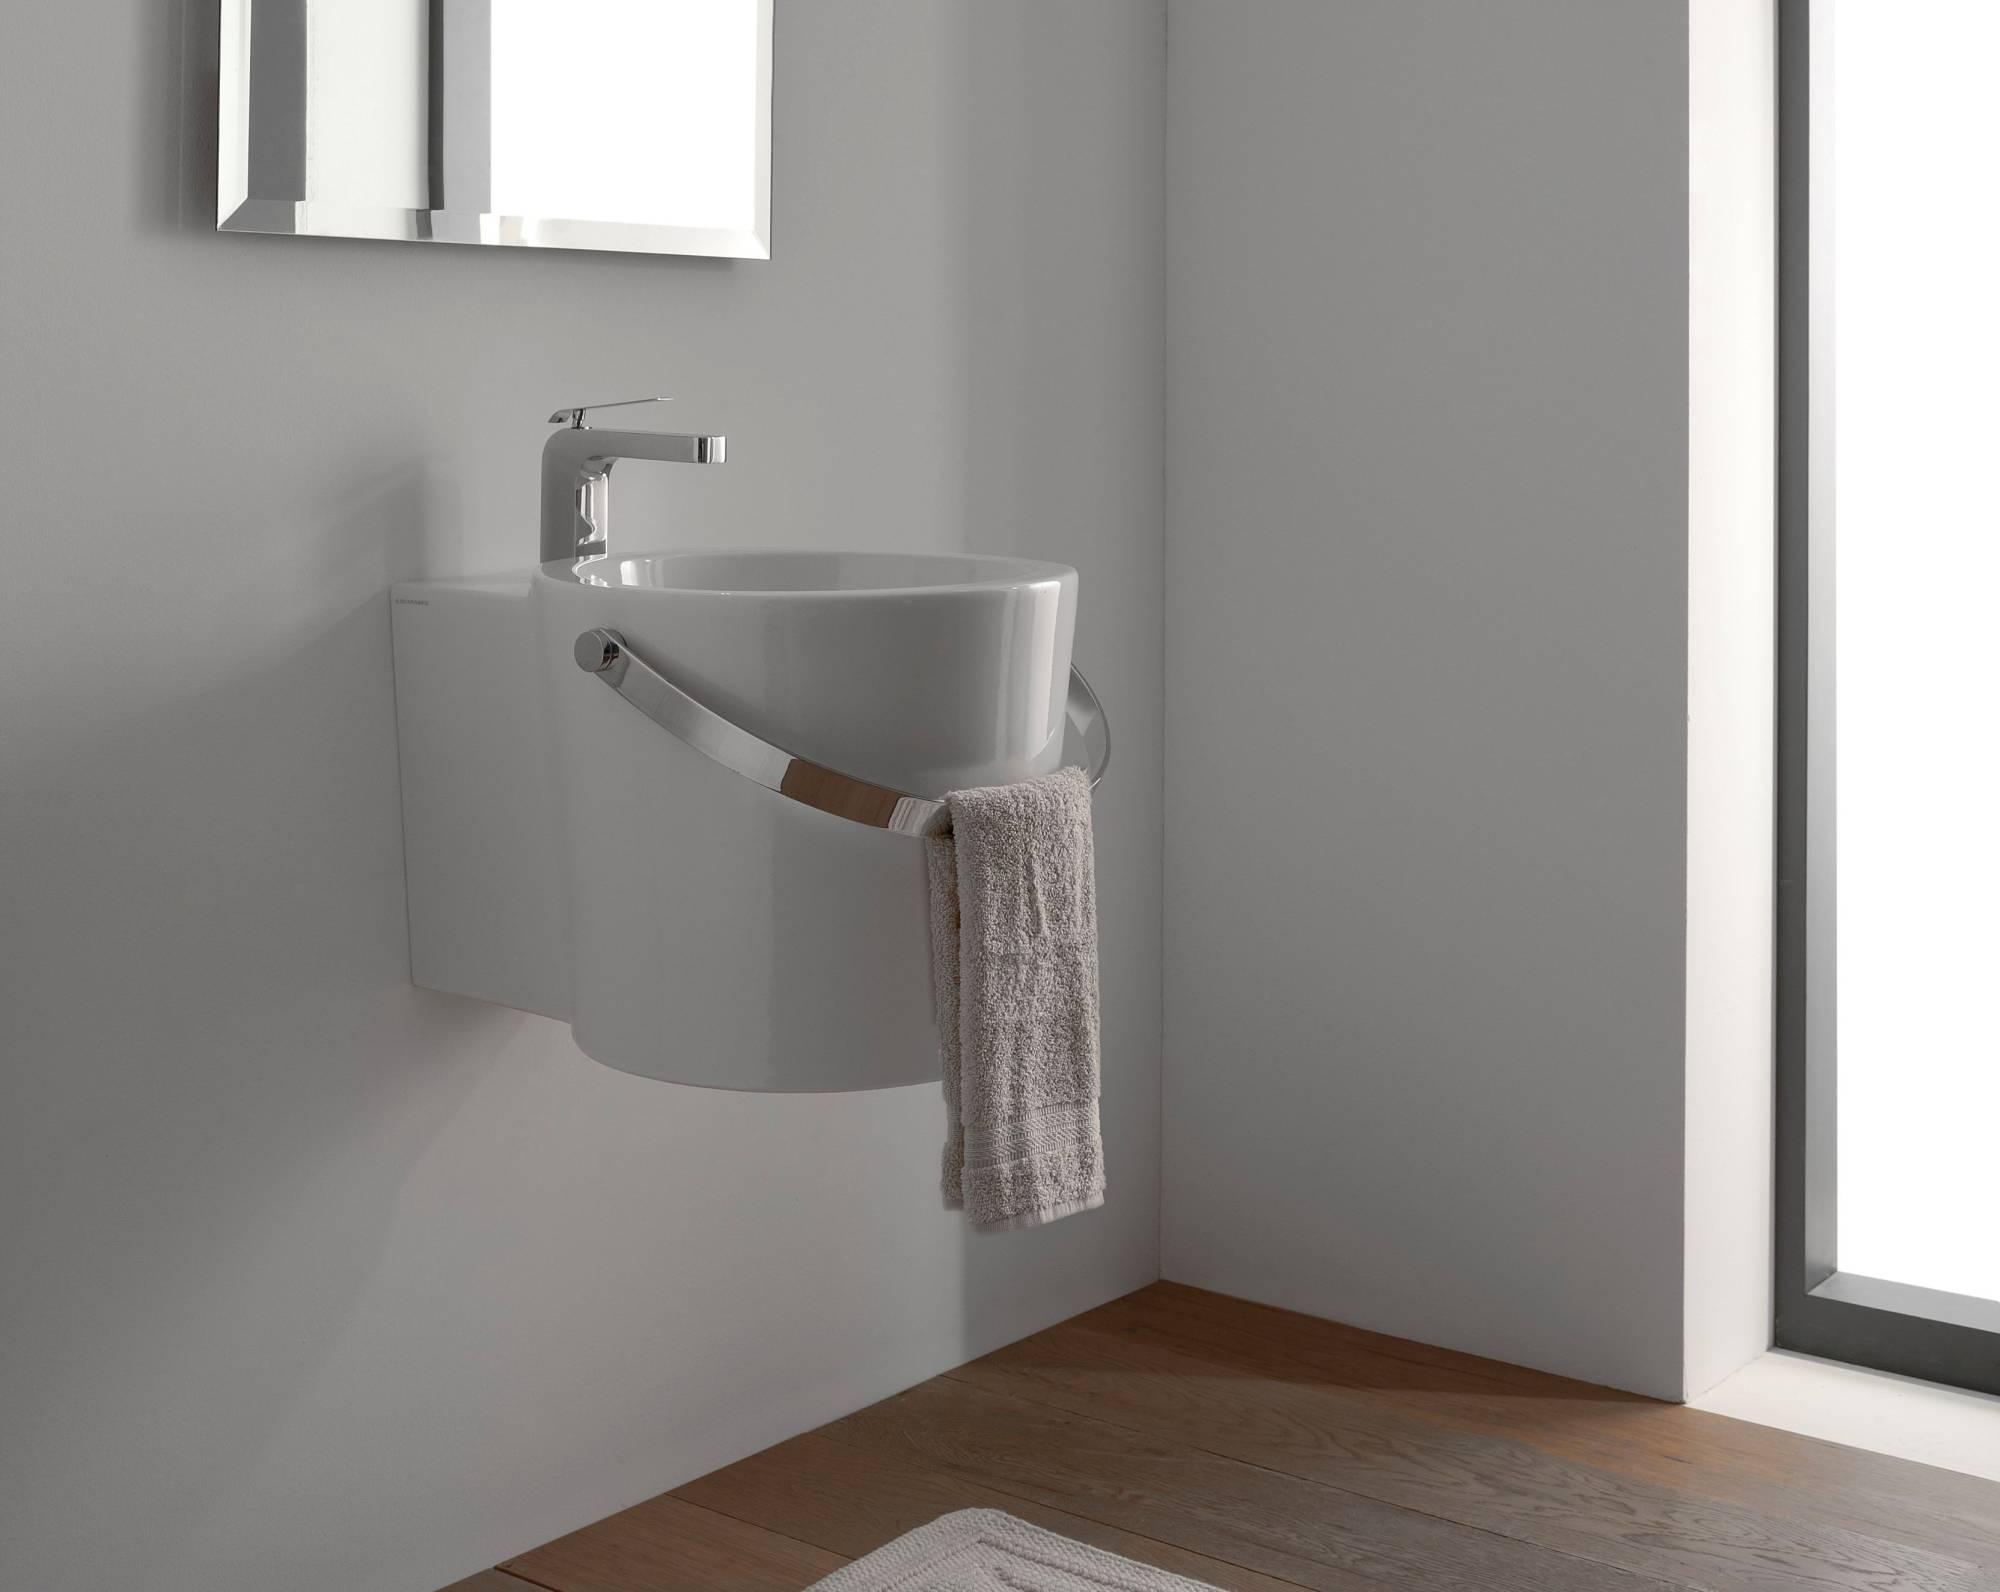 lavabo_da_appoggio_o_sospeso_bianco_colorato_decorato_scarabeo_serie_bucket_scarabeo